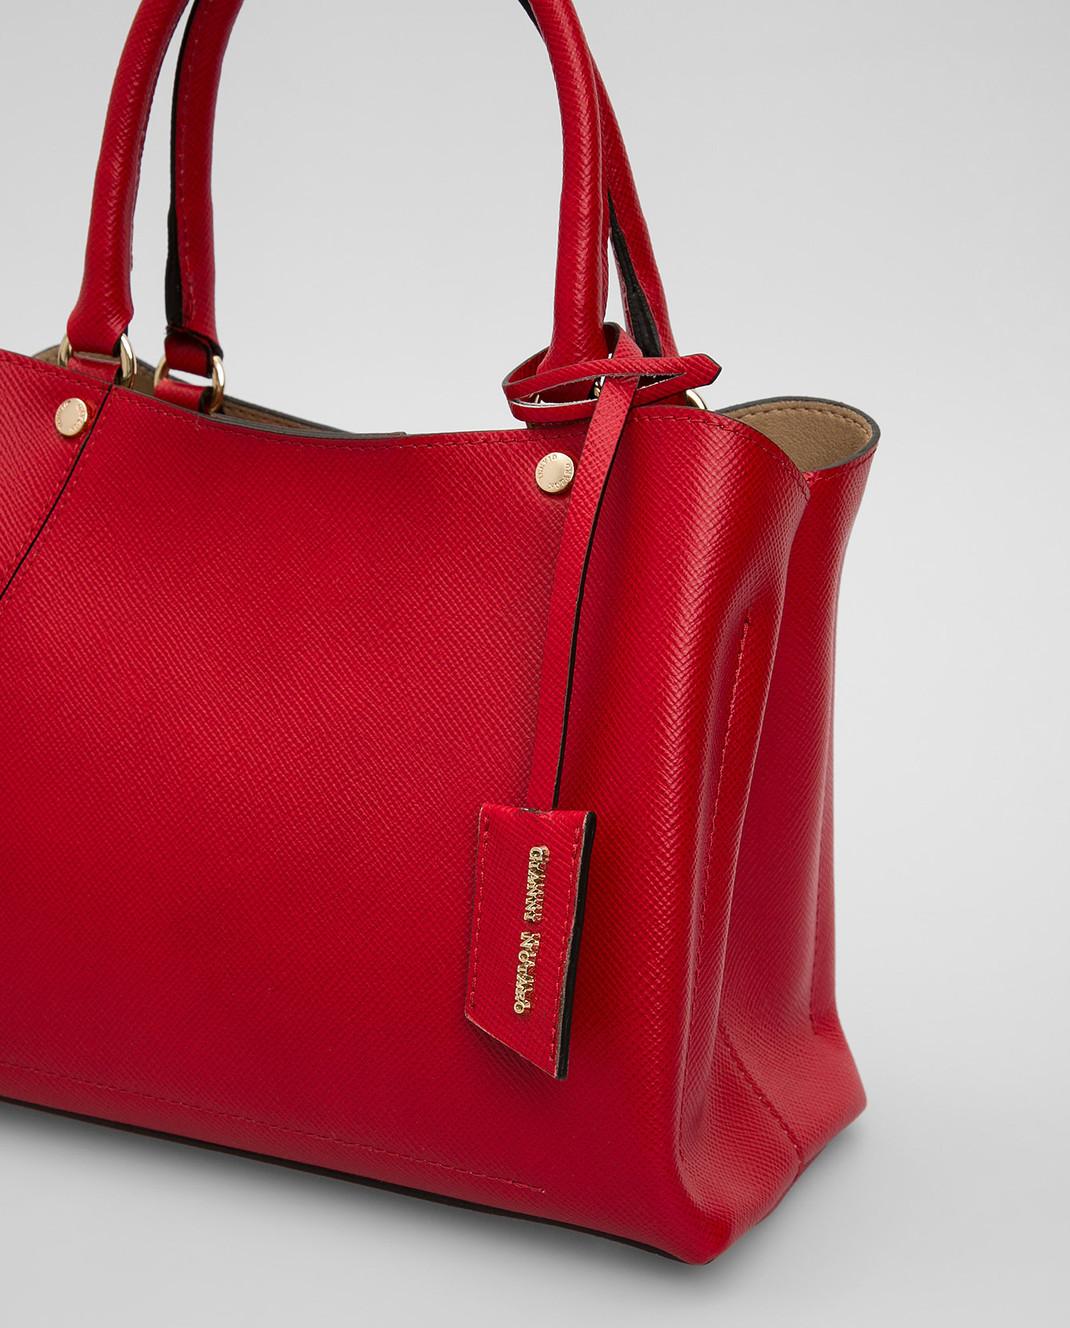 Gianni Notaro Красная кожаная сумка изображение 5